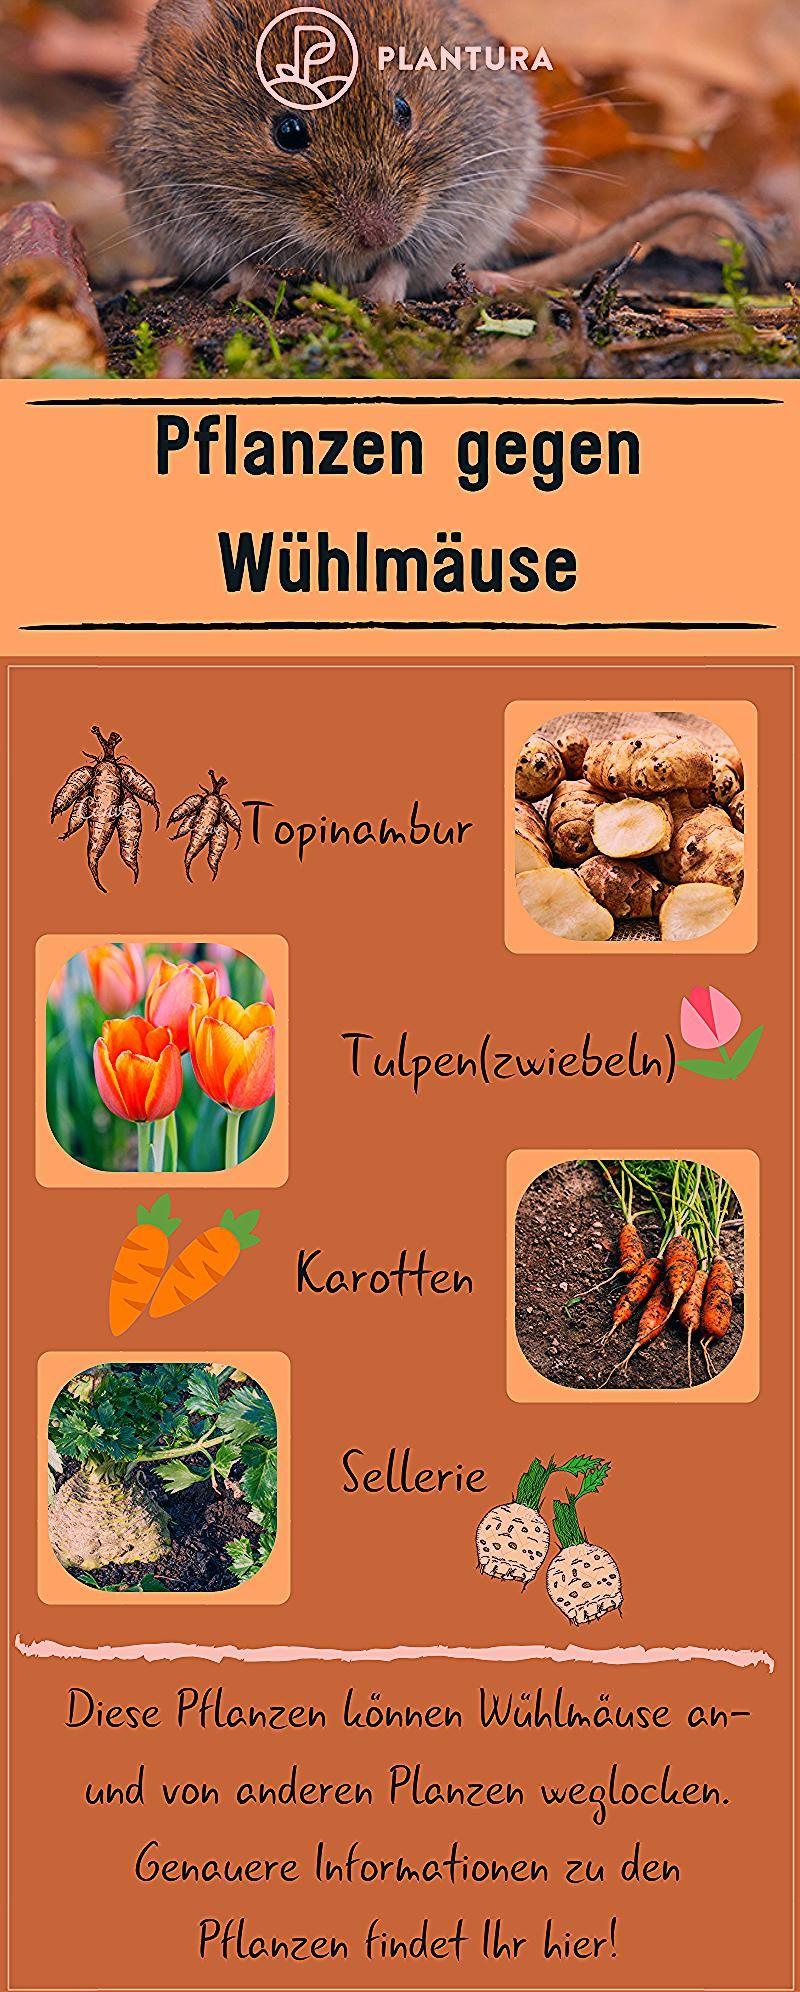 Pflanzen gegen Wühlmäuse: Was hilft wirklich? - Plantura